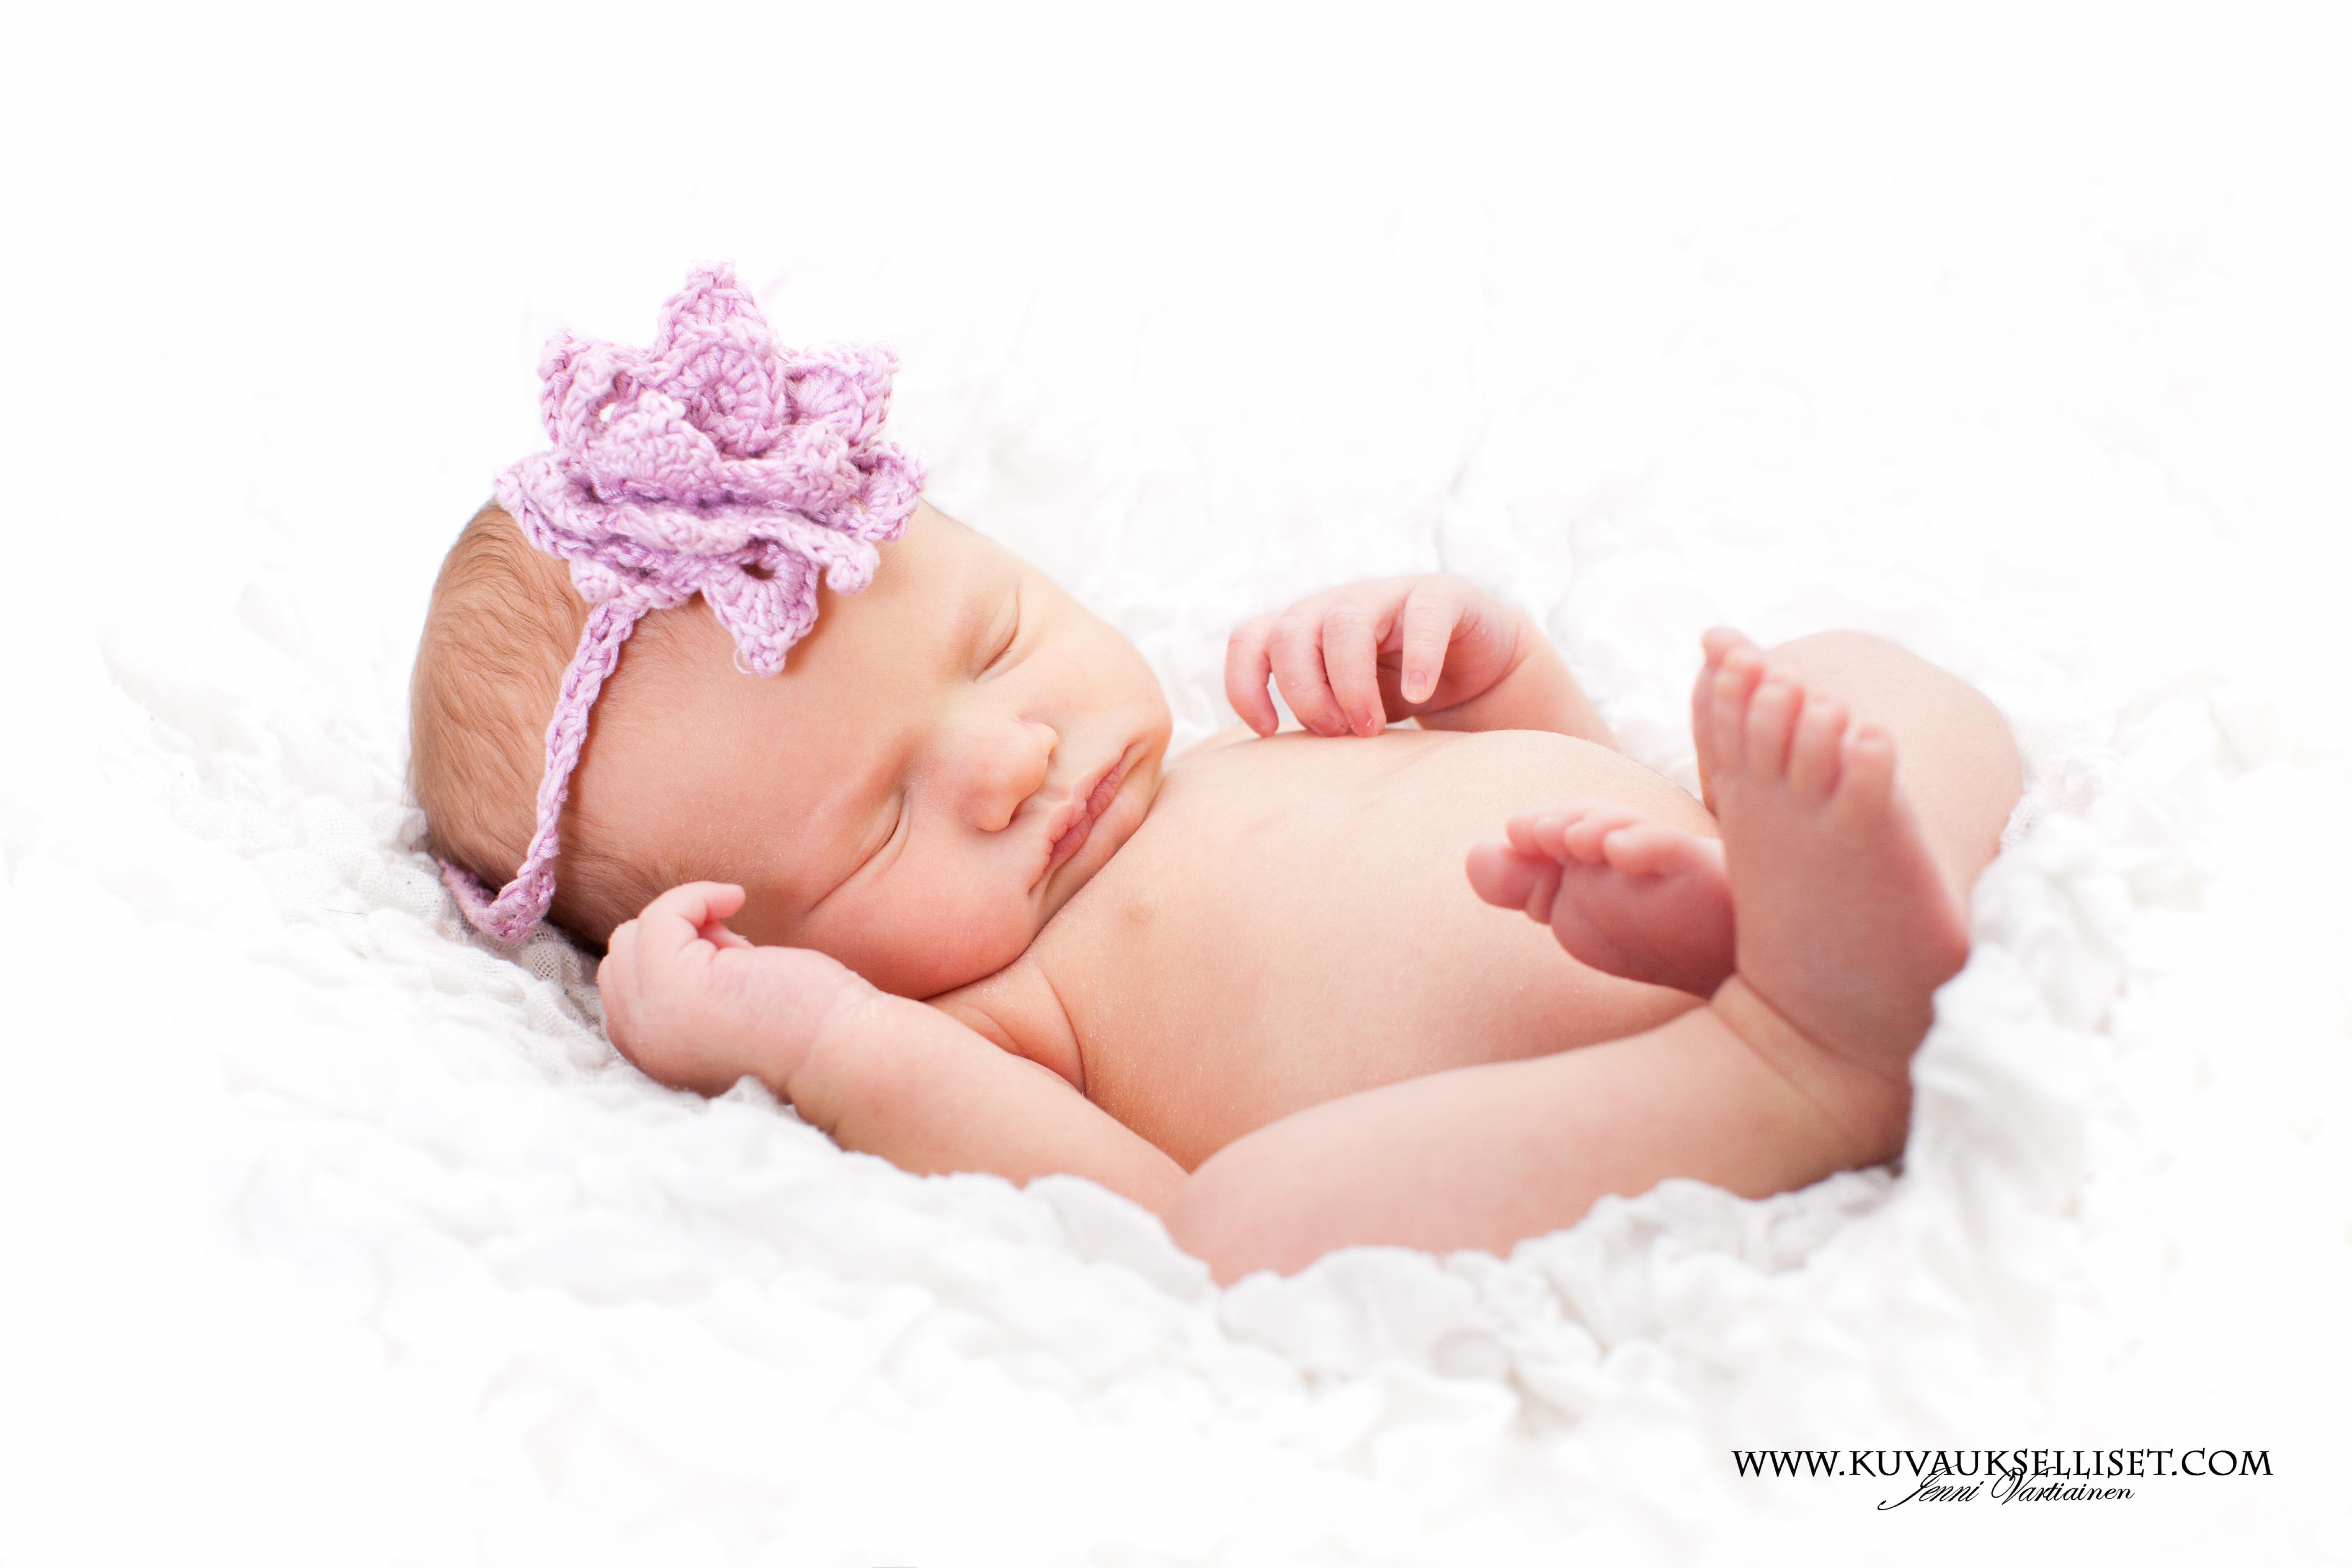 2014.4.8 vauvakuvaus vastasyntyneen kuvaus studiokuvaus 6